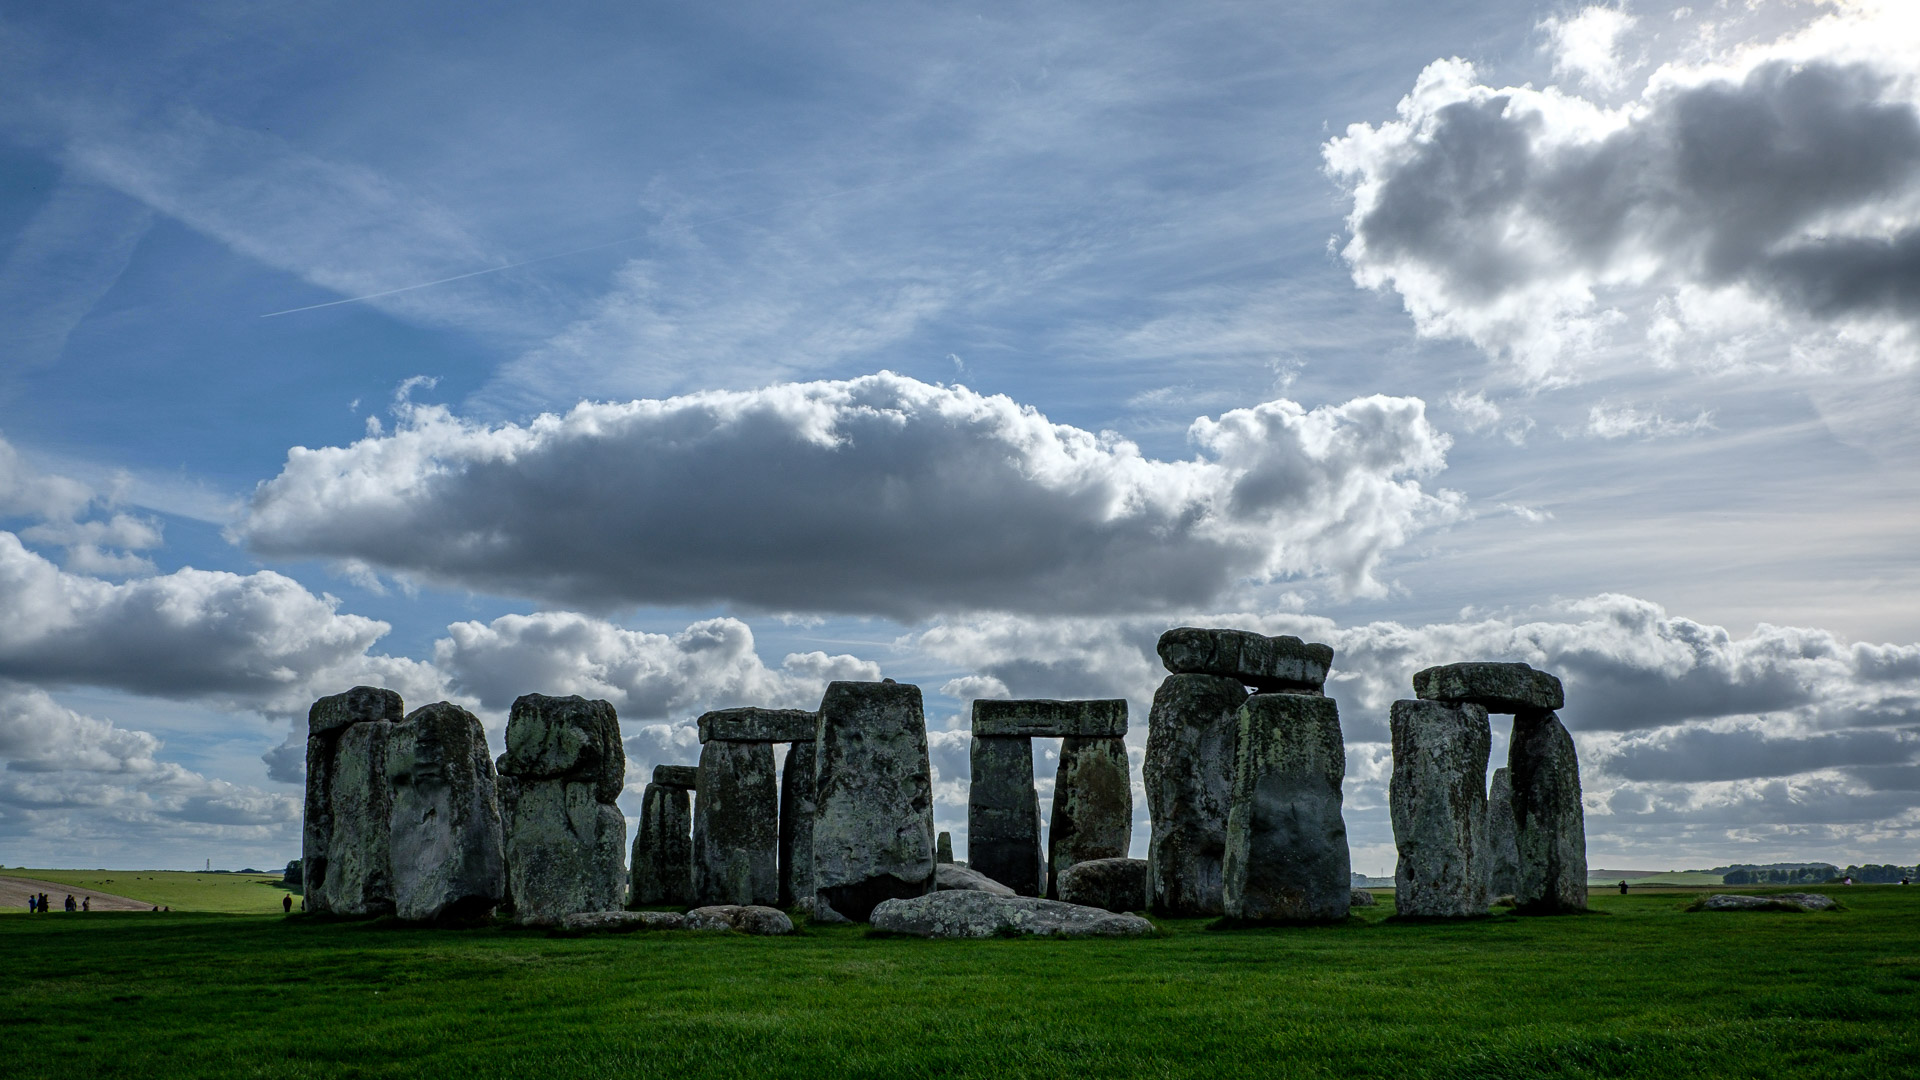 6.10.2017: Stonehenge